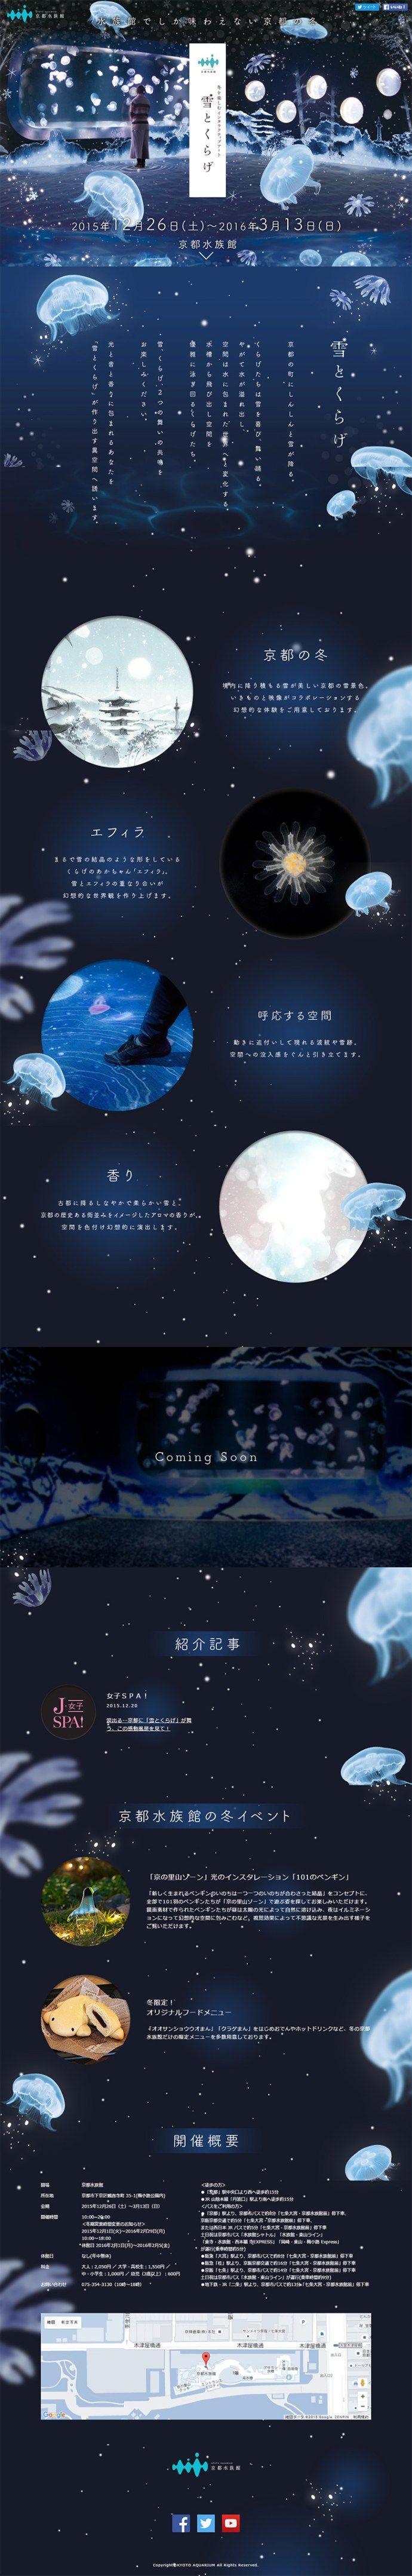 冬季氛圍的京都水族館網頁 | MyDesy 淘靈感